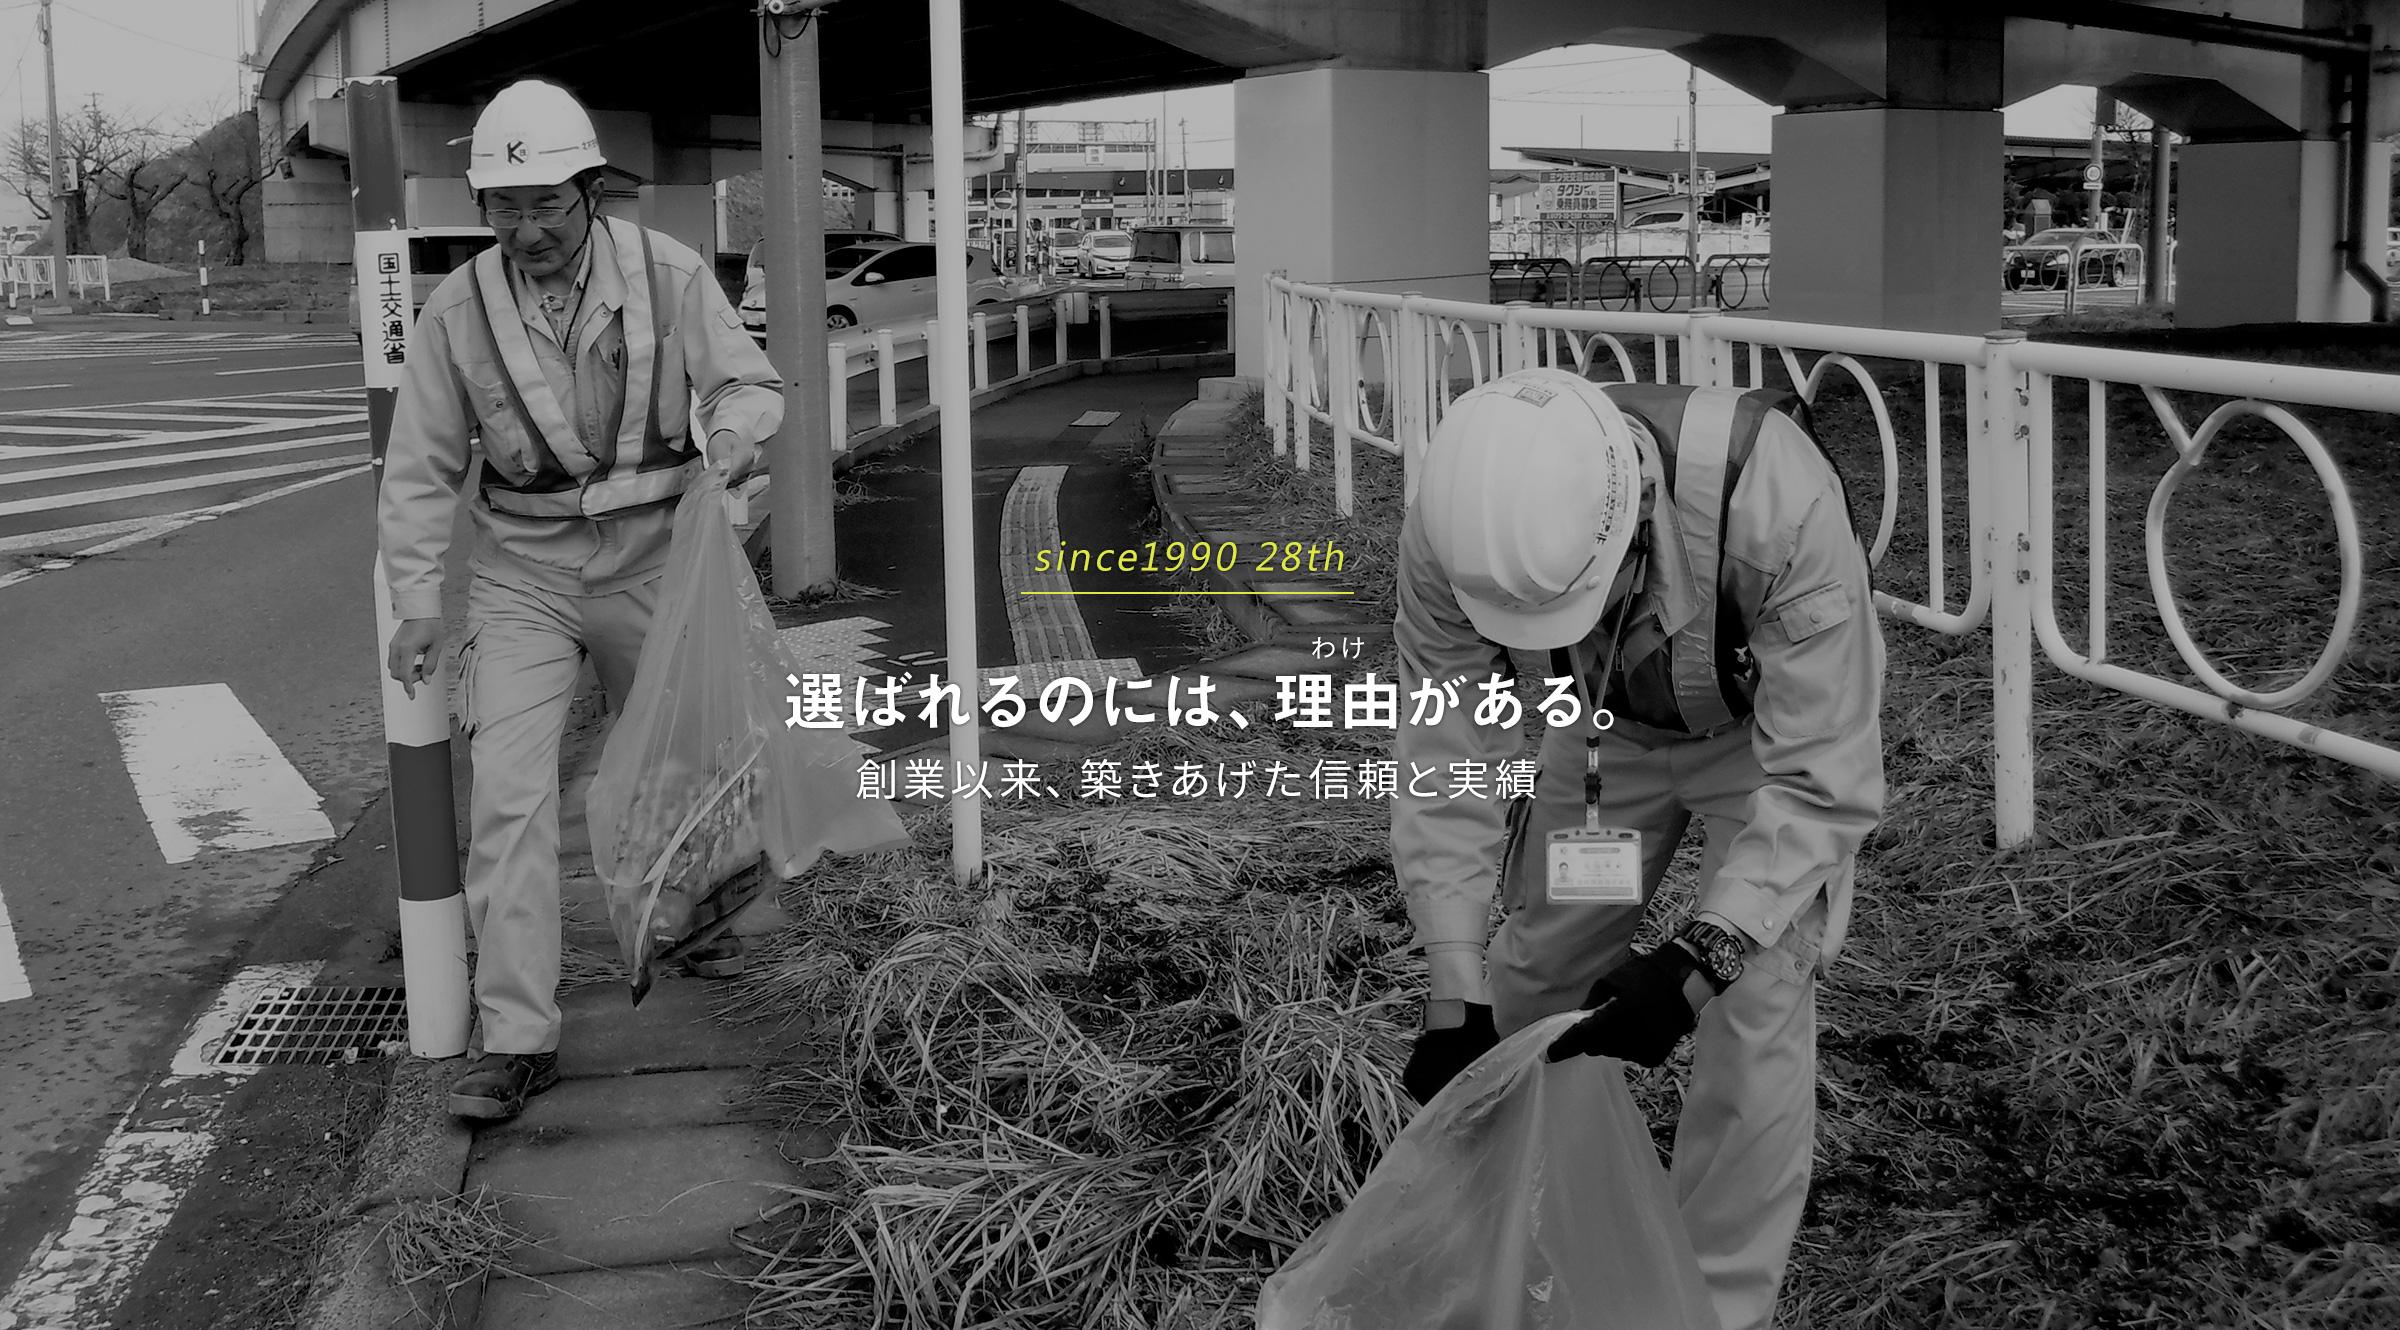 地域貢献 ゴミ拾い